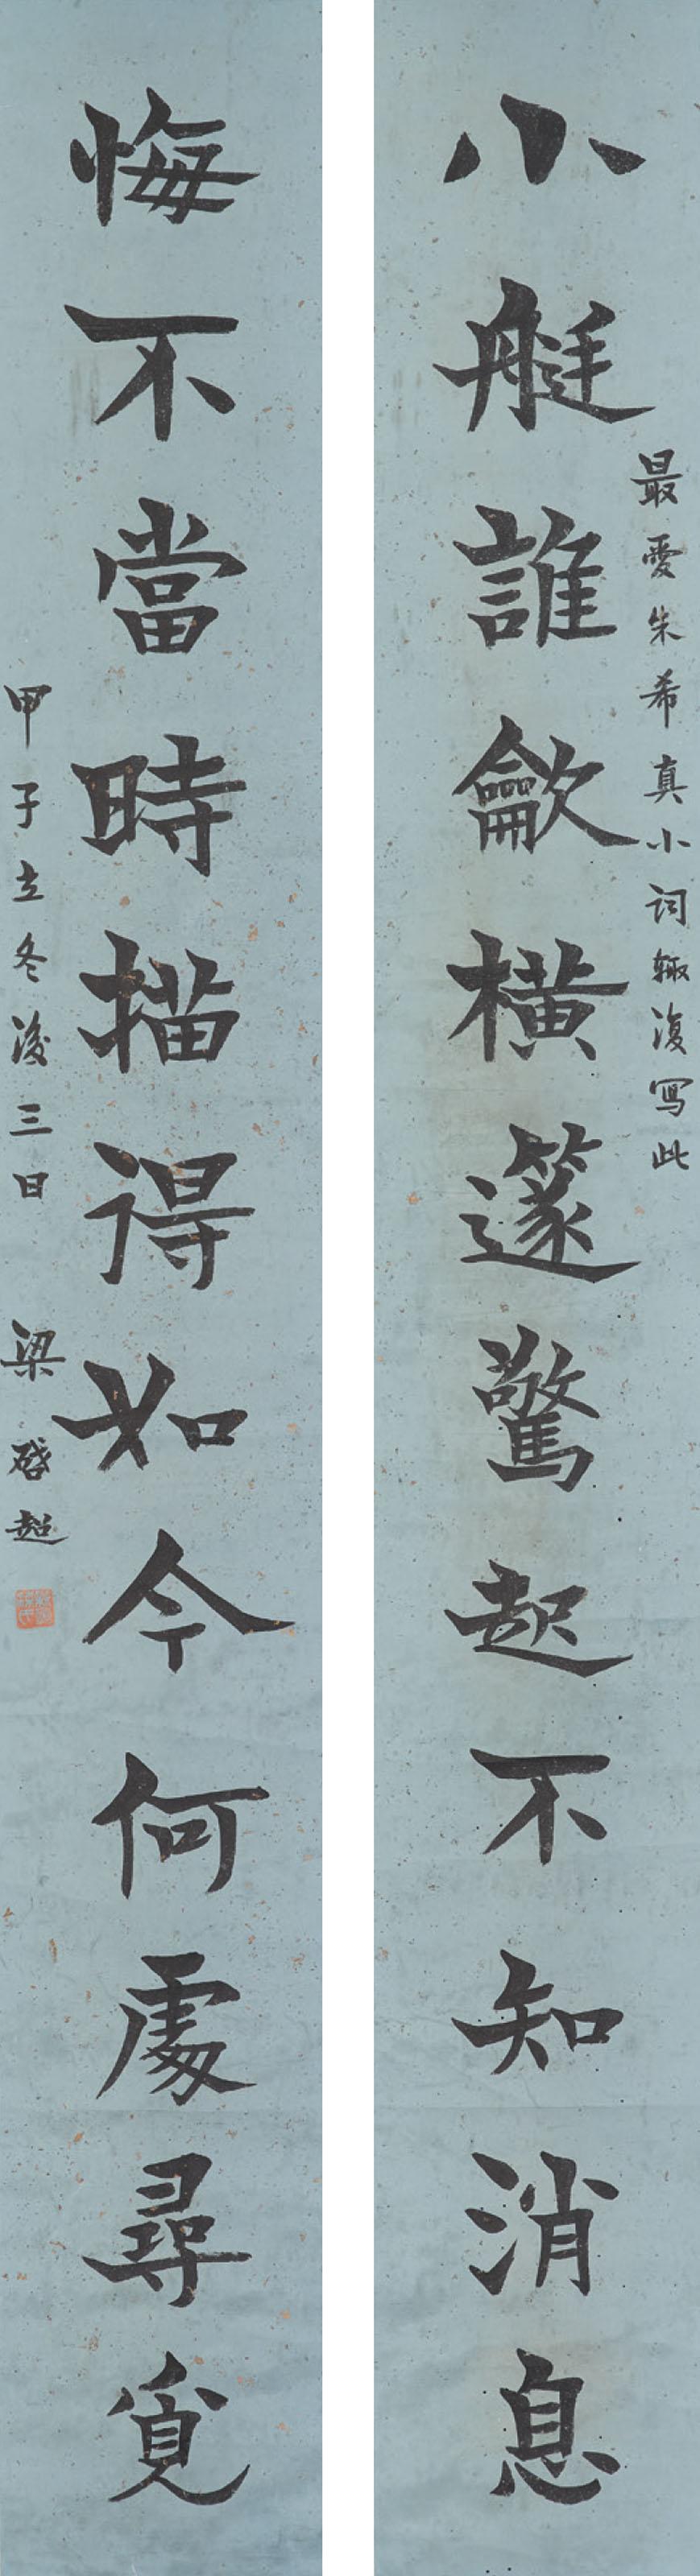 Twelve-character Calligraphic Couplet in Regular Script